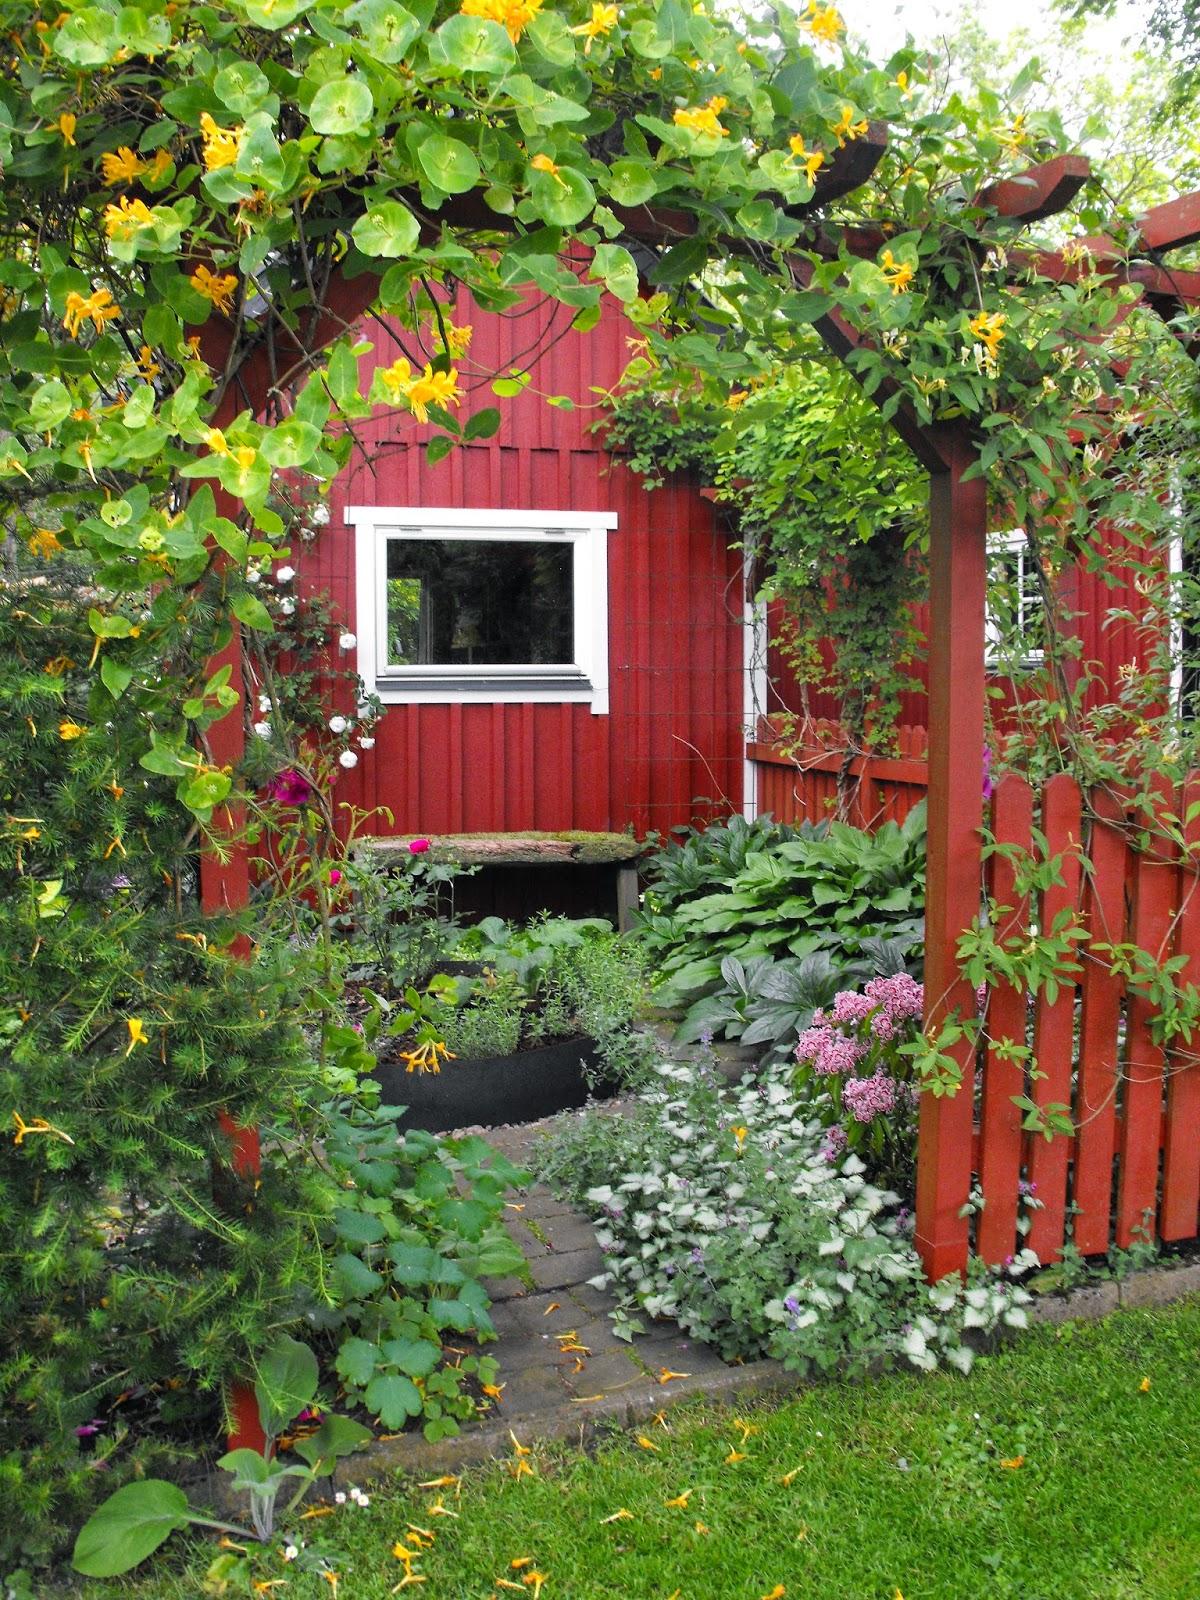 Solveig & Lasses Trädgård, Solveig och Lasses Trädgård, Sösdala, Tusen Trädgårdar 2014, #TusenTrädgårdar2014, Vacker trädgård